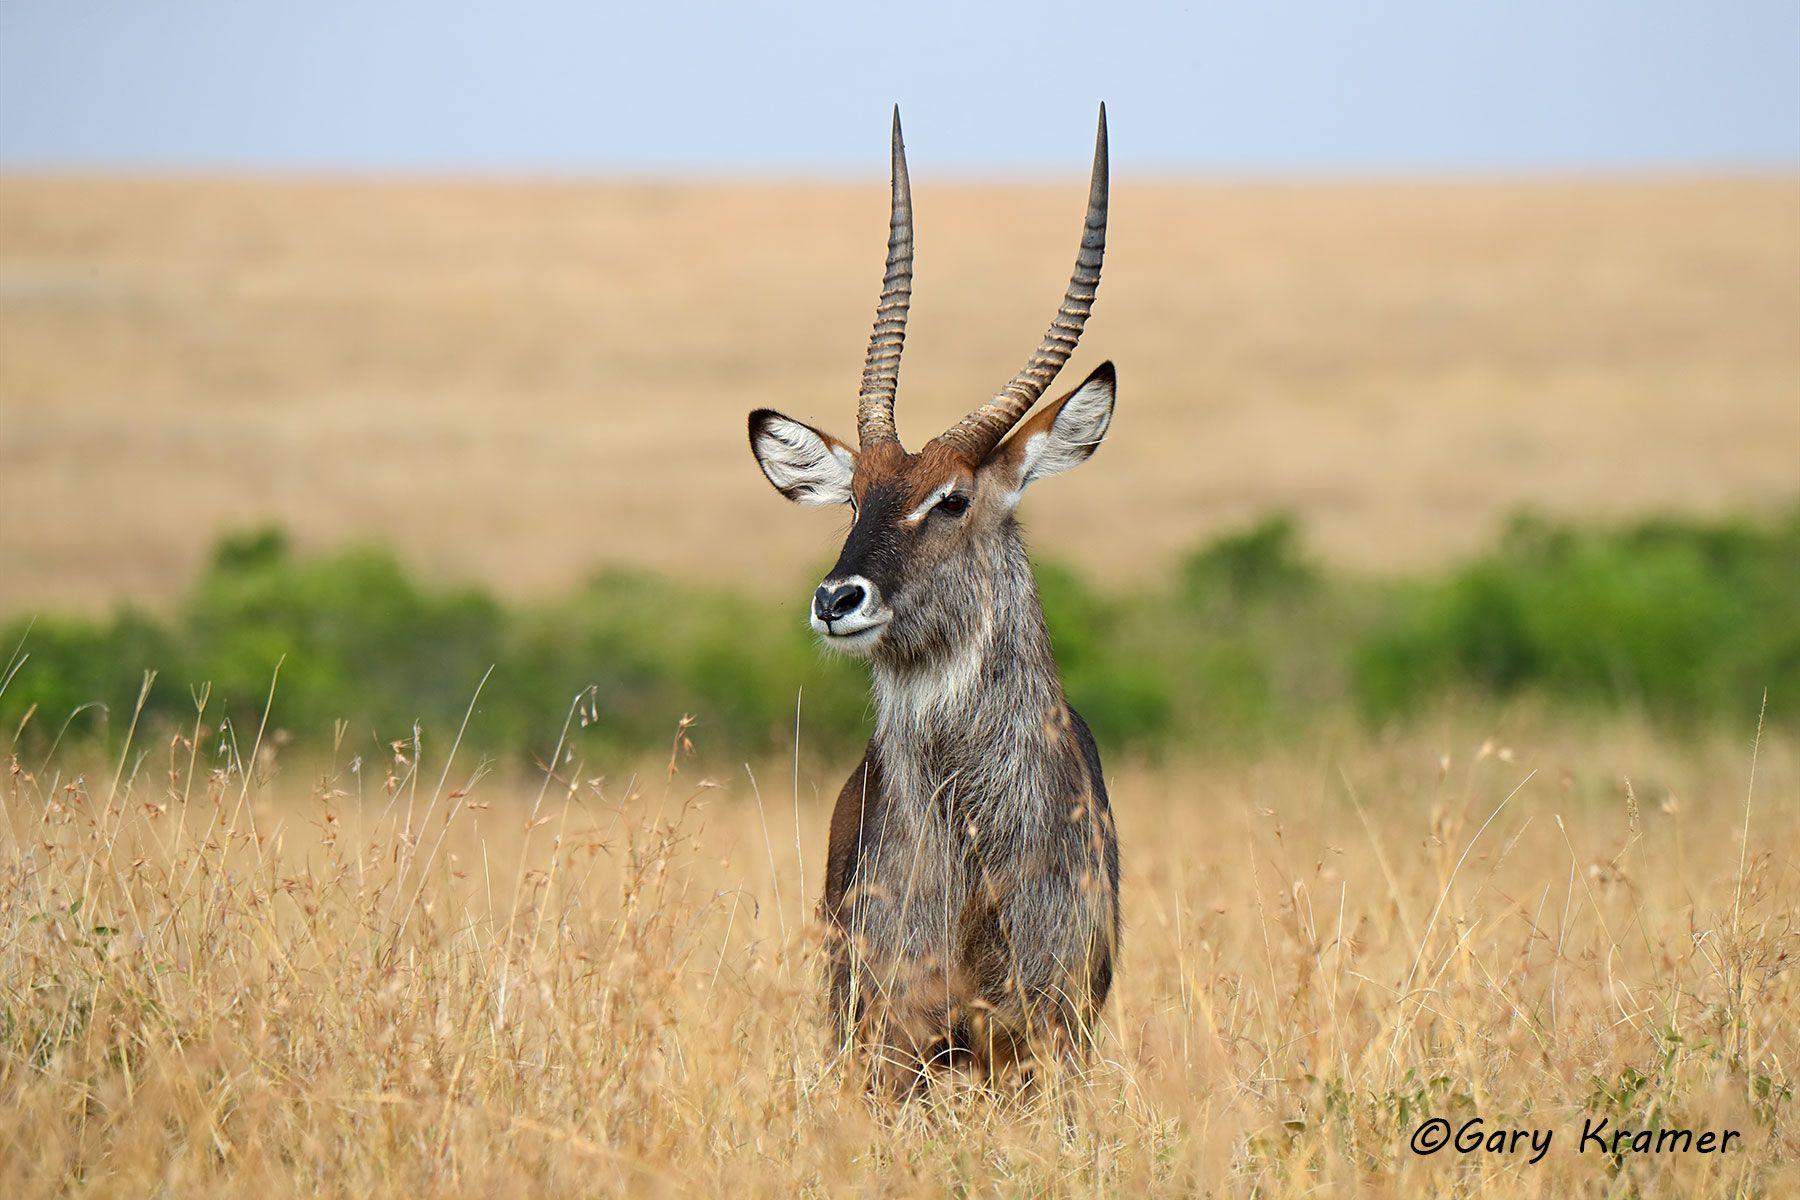 Defassa Waterbuck (Kobus ellipsiprymnus defassa) - AMUWd#116d